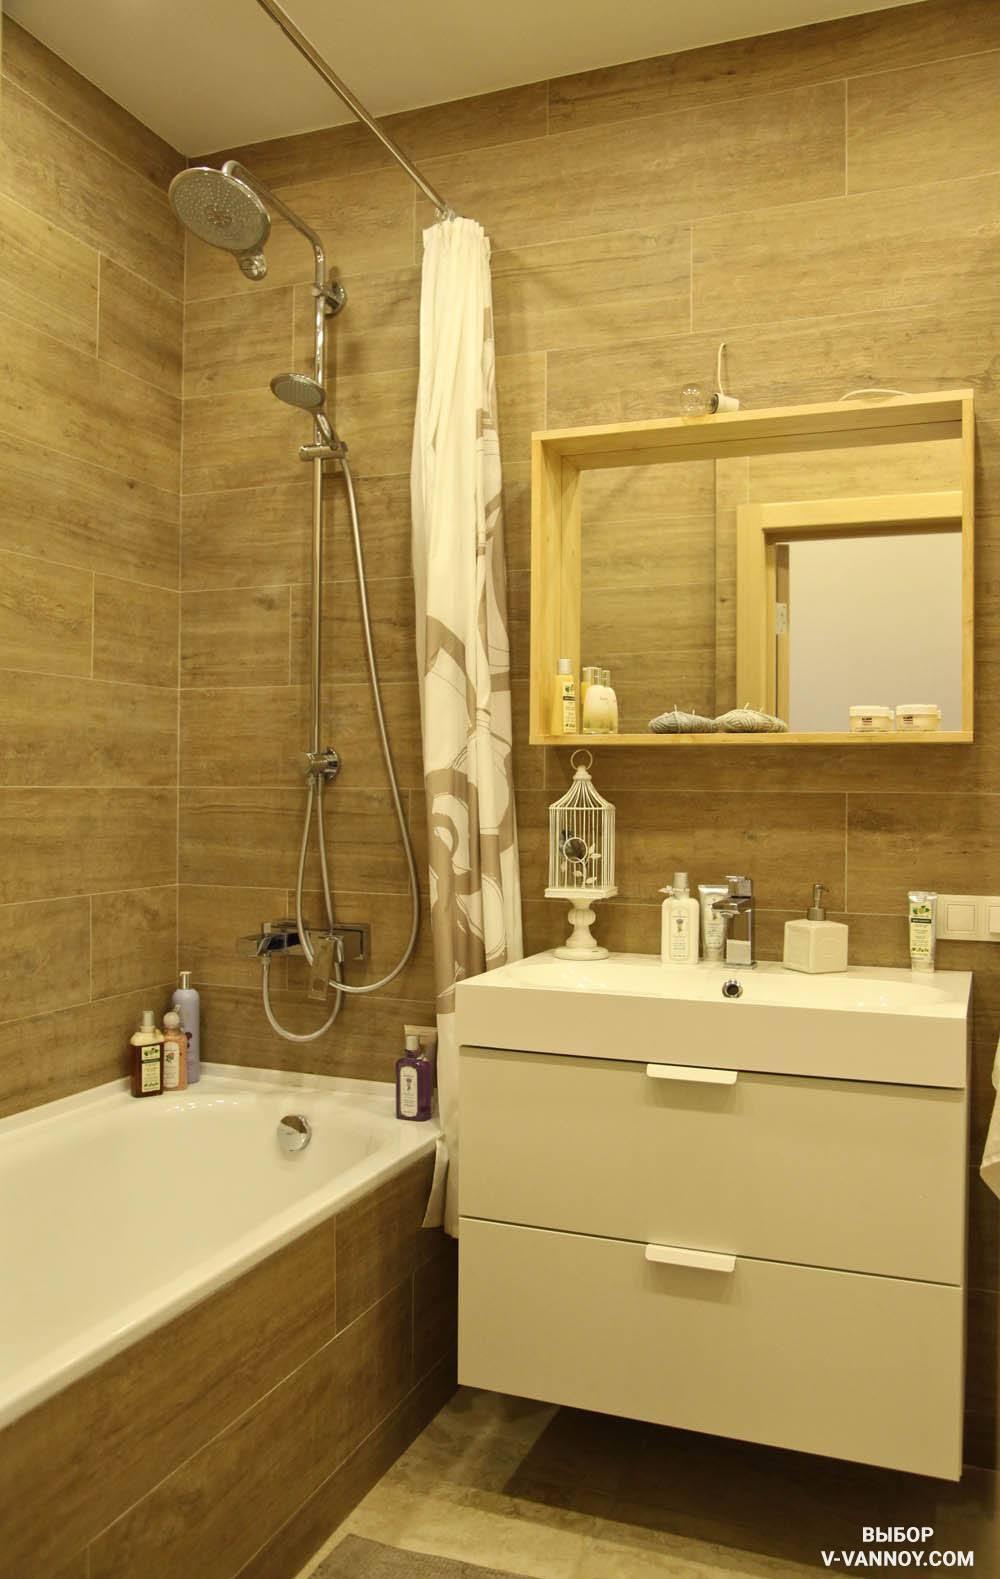 Как класть плитку в ванной? рекомендации по этапам технологии укладки